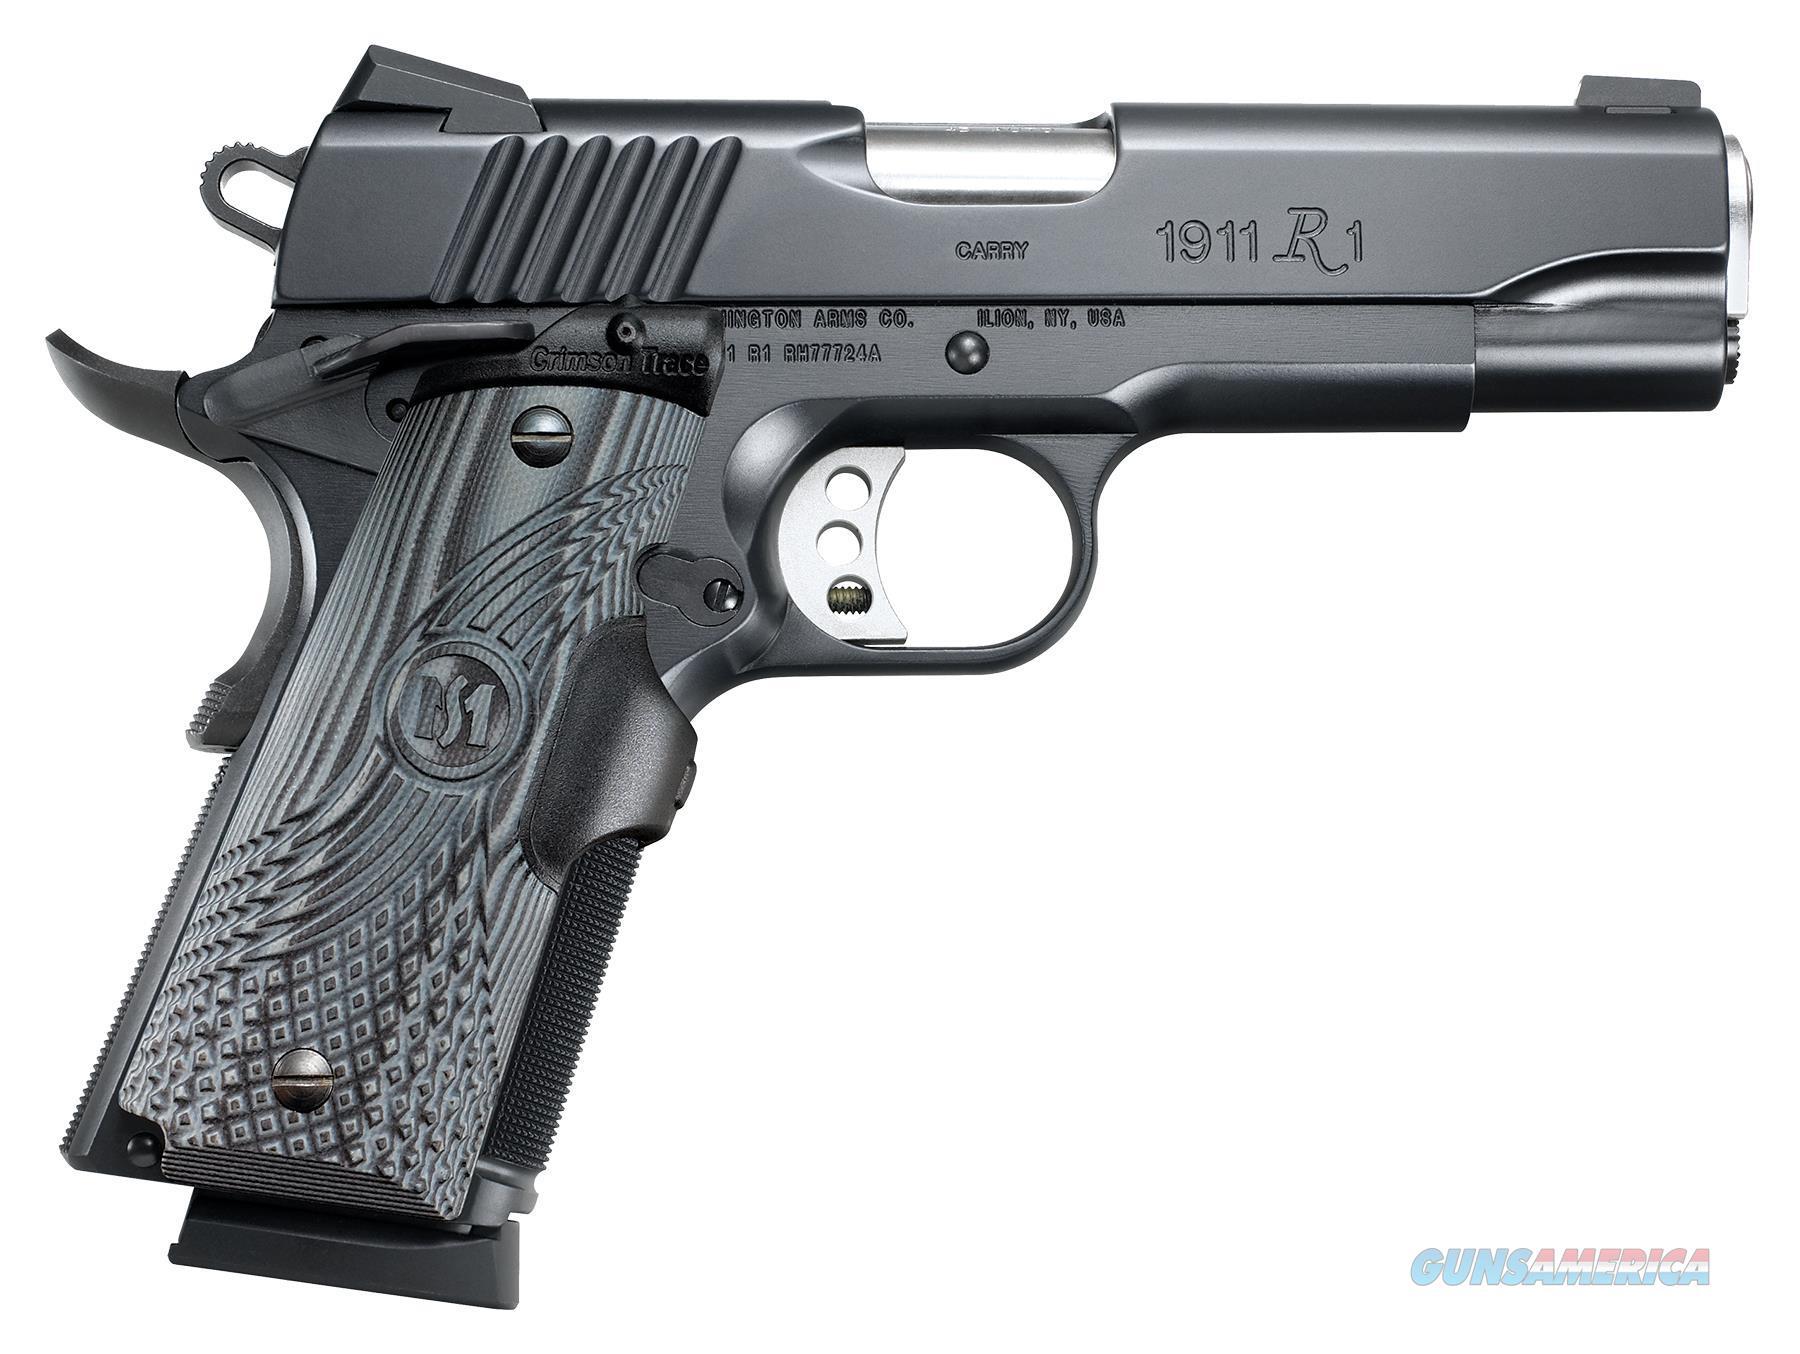 """Remington Firearms 96356 1911 R1 Commander Carry Single 45 Automatic Colt Pistol (Acp) 4.25"""" 7+1 Black G10 W/Crimson Trace Laser Grip Black Carbon Steel 96356  Guns > Pistols > R Misc Pistols"""